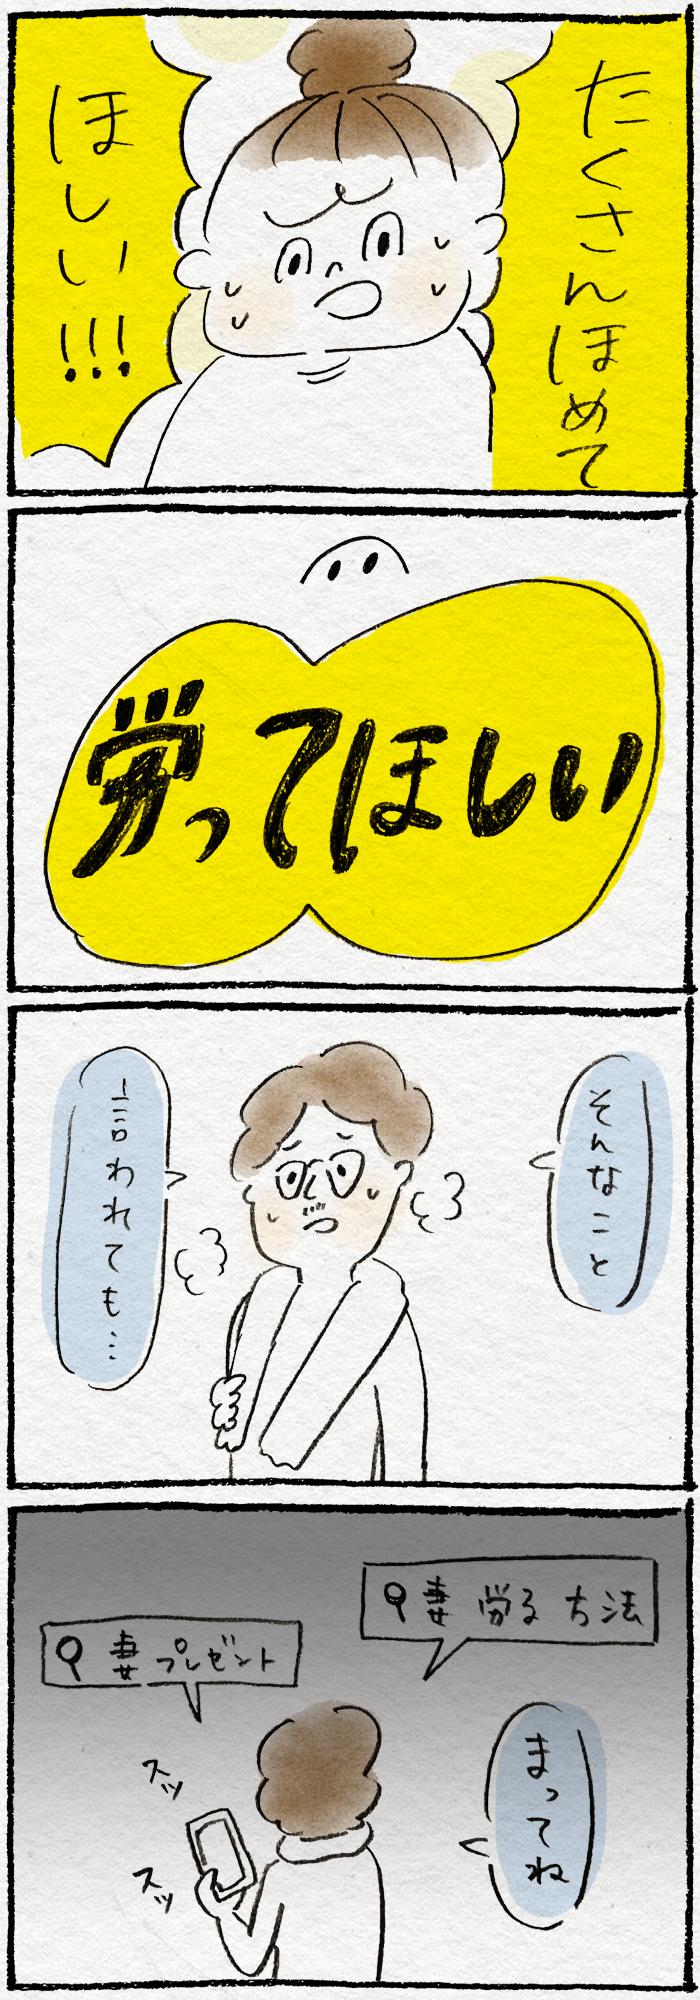 たまには褒めて~!たった500円で夫婦円満になれる「週末の提案」とは?の画像3